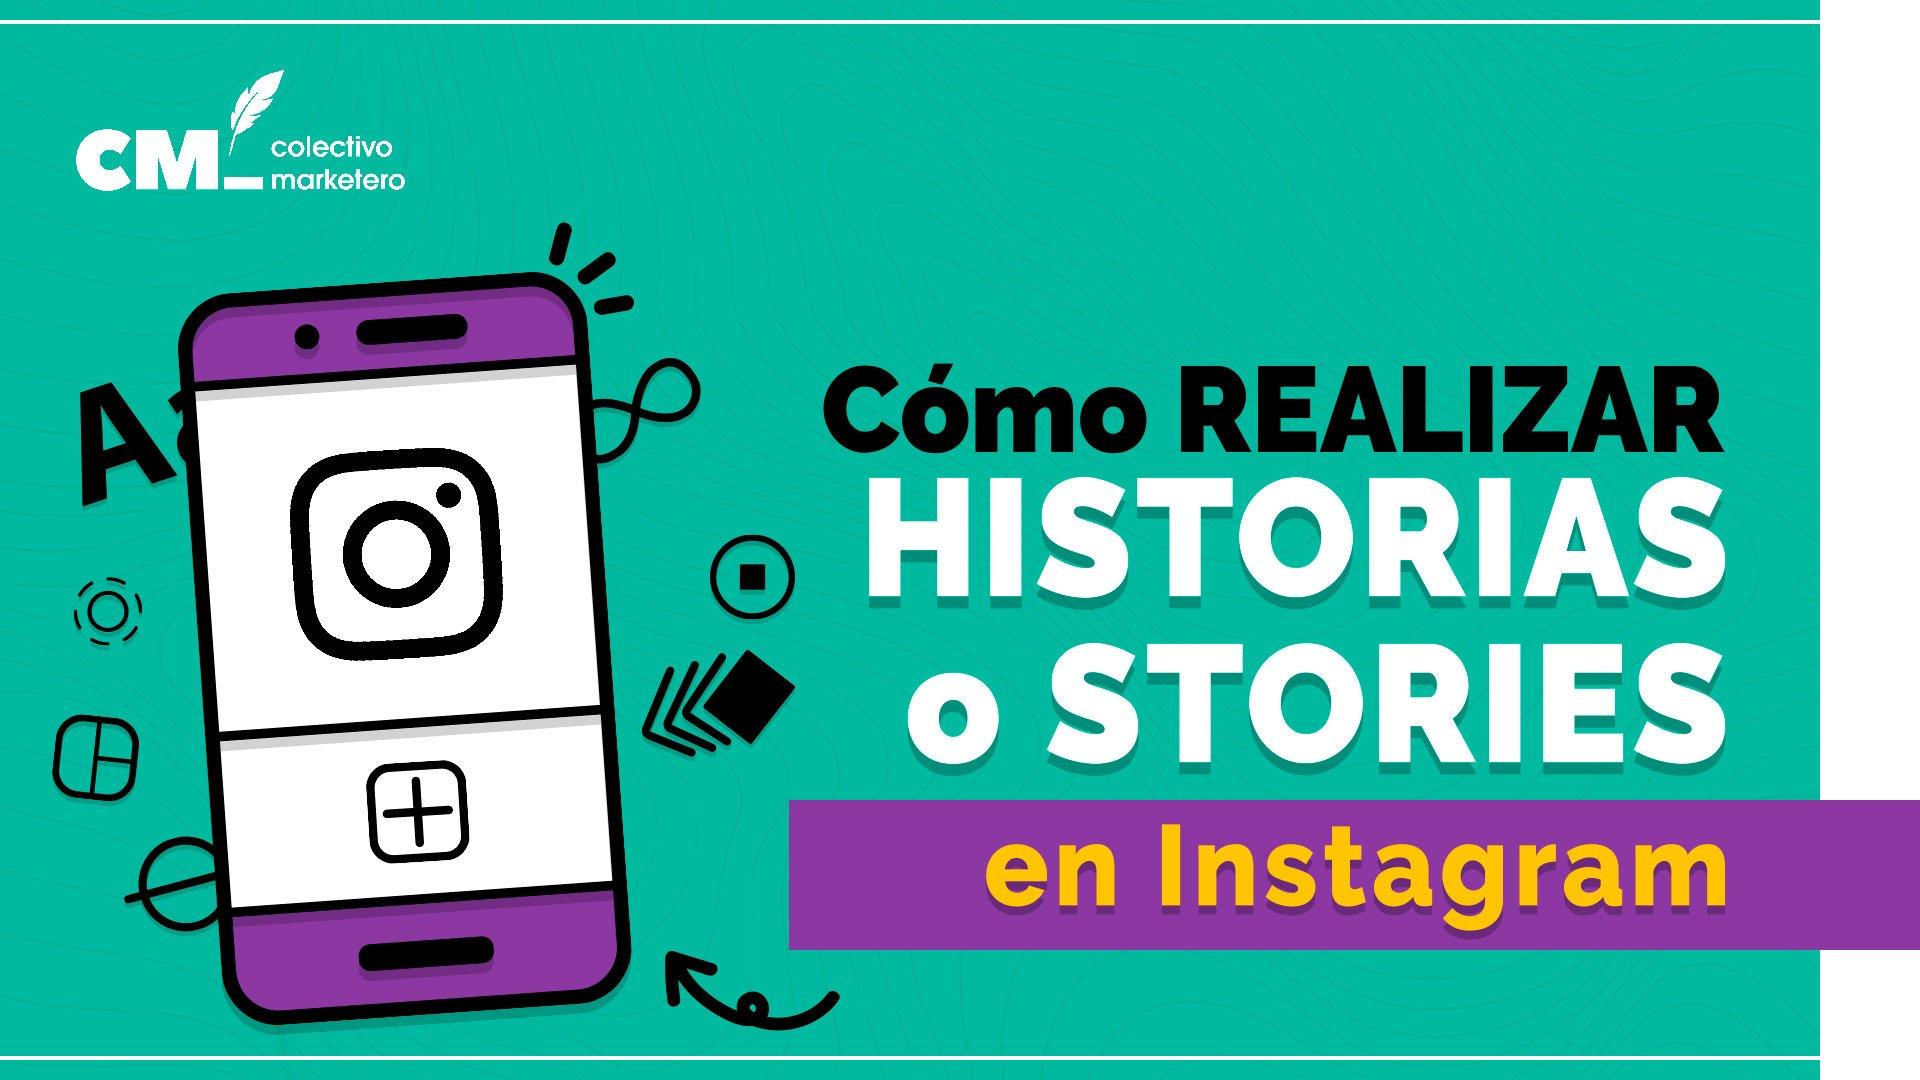 Cómo realizar historias en Instagram